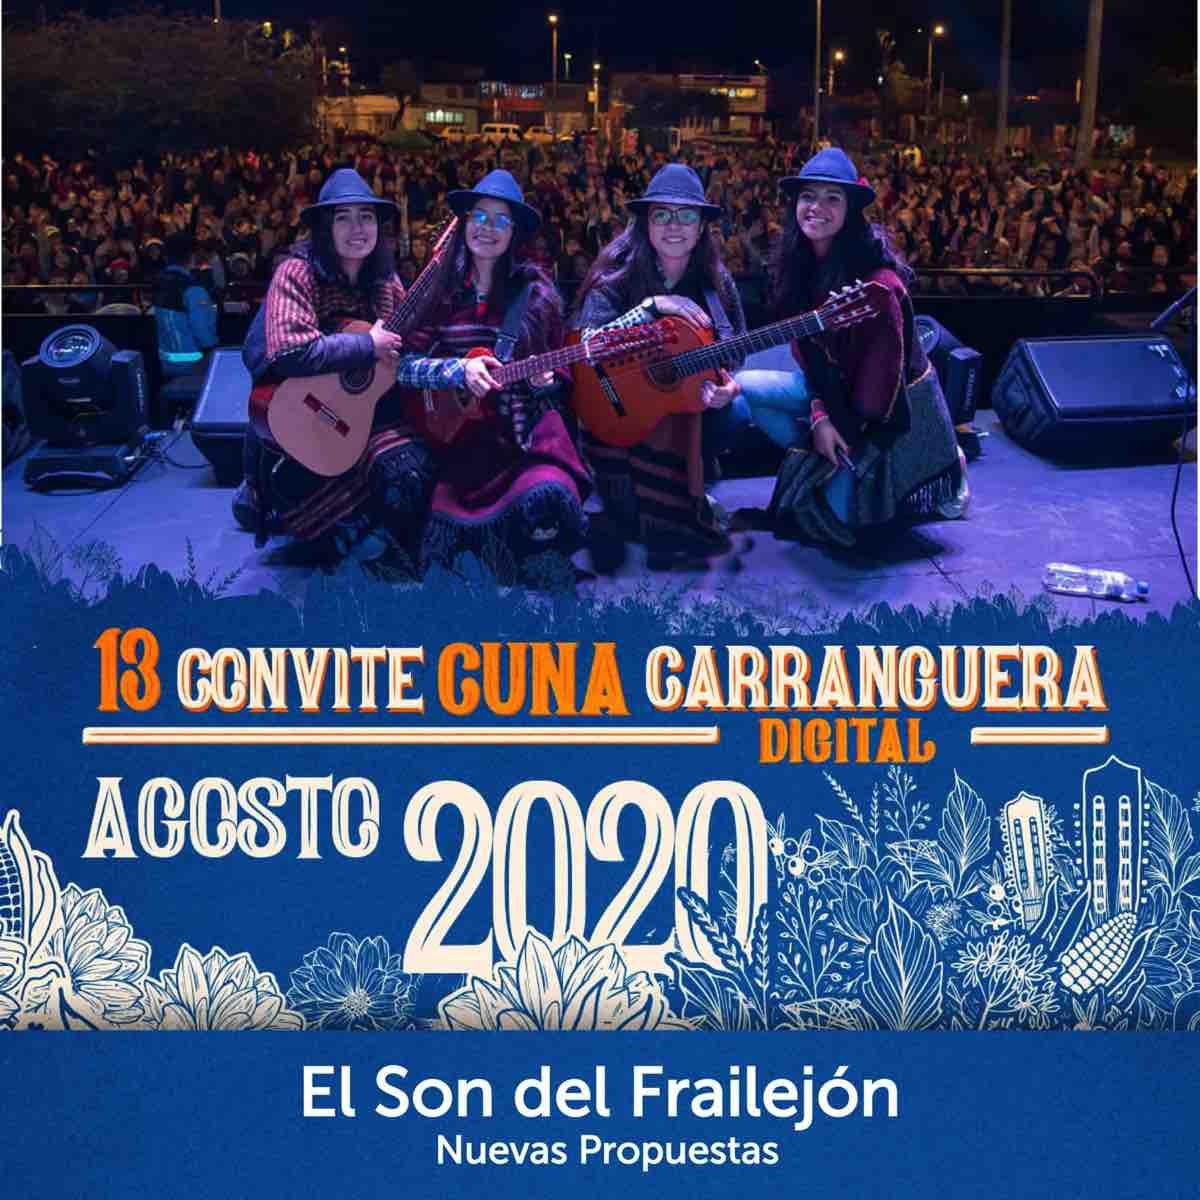 Muy destacada estuvo la participación de las mujeres en el 13 Convite Carranguero Virtual. Fotografía - Archivo particular.